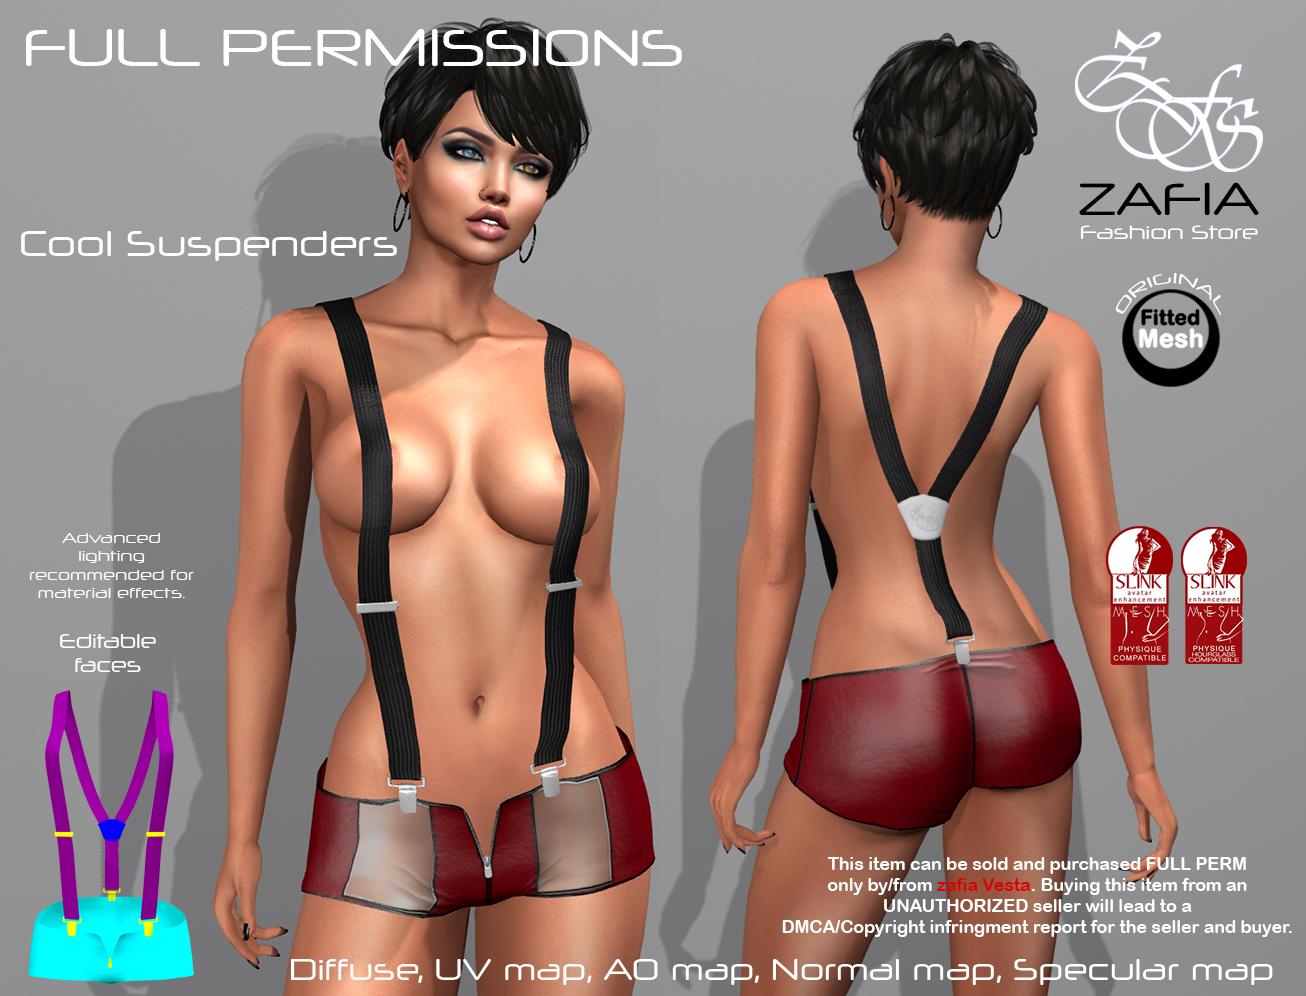 Cool Suspenders Slink 2